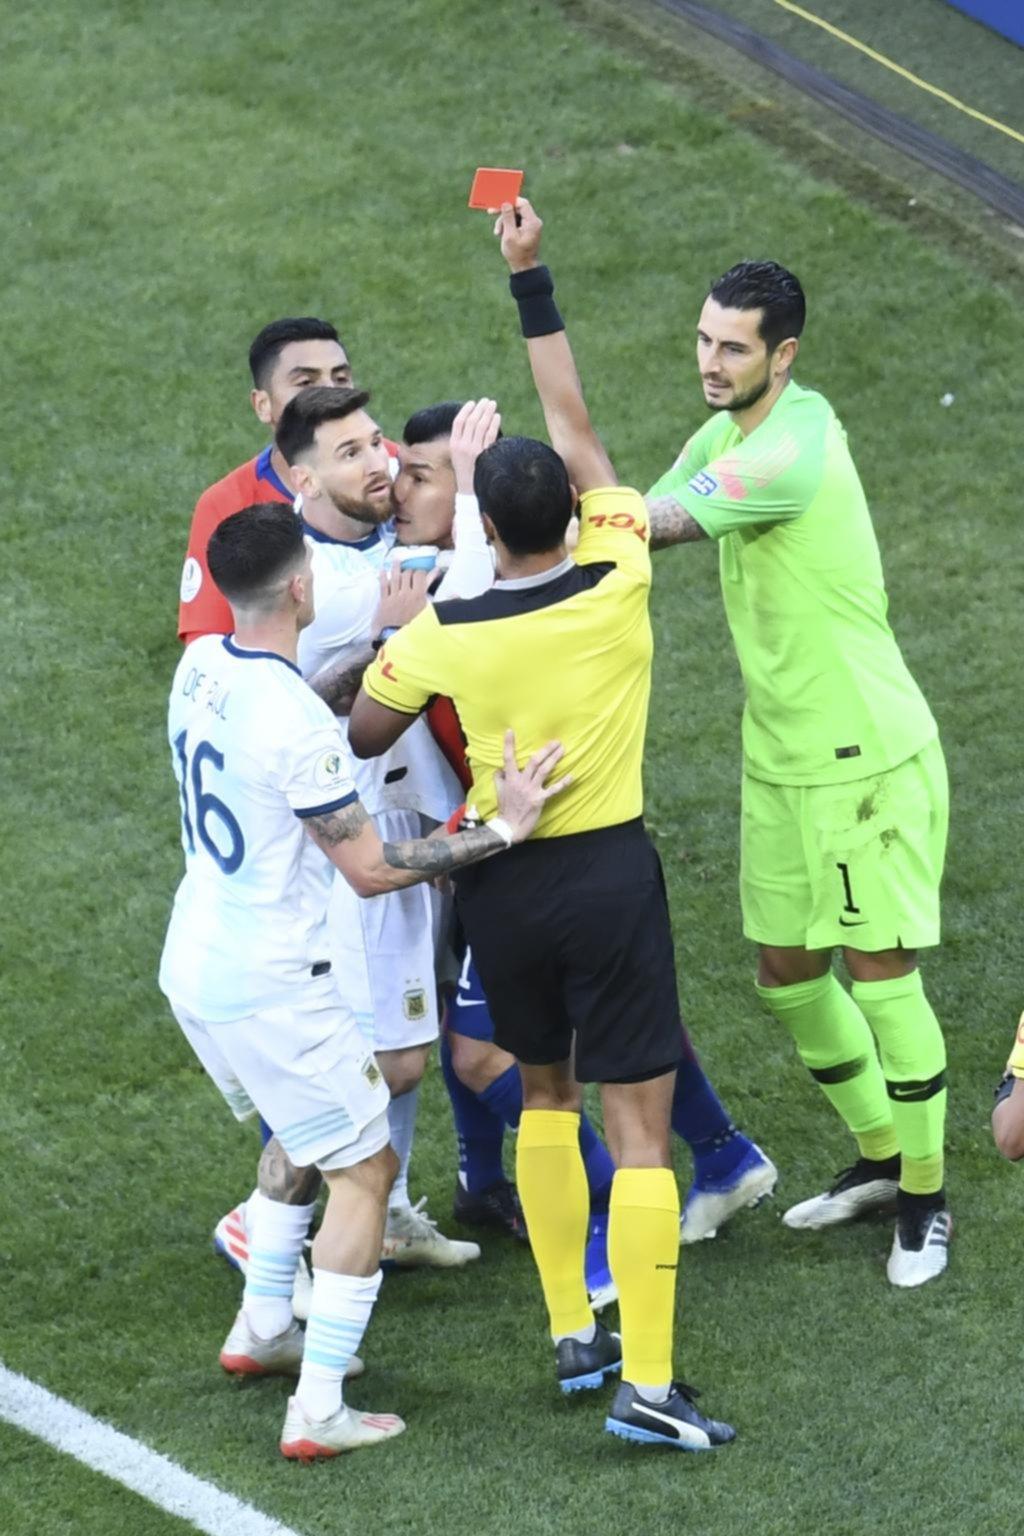 ¿Qué dijo Díaz de Vivar, el juez de la roja a Messi?